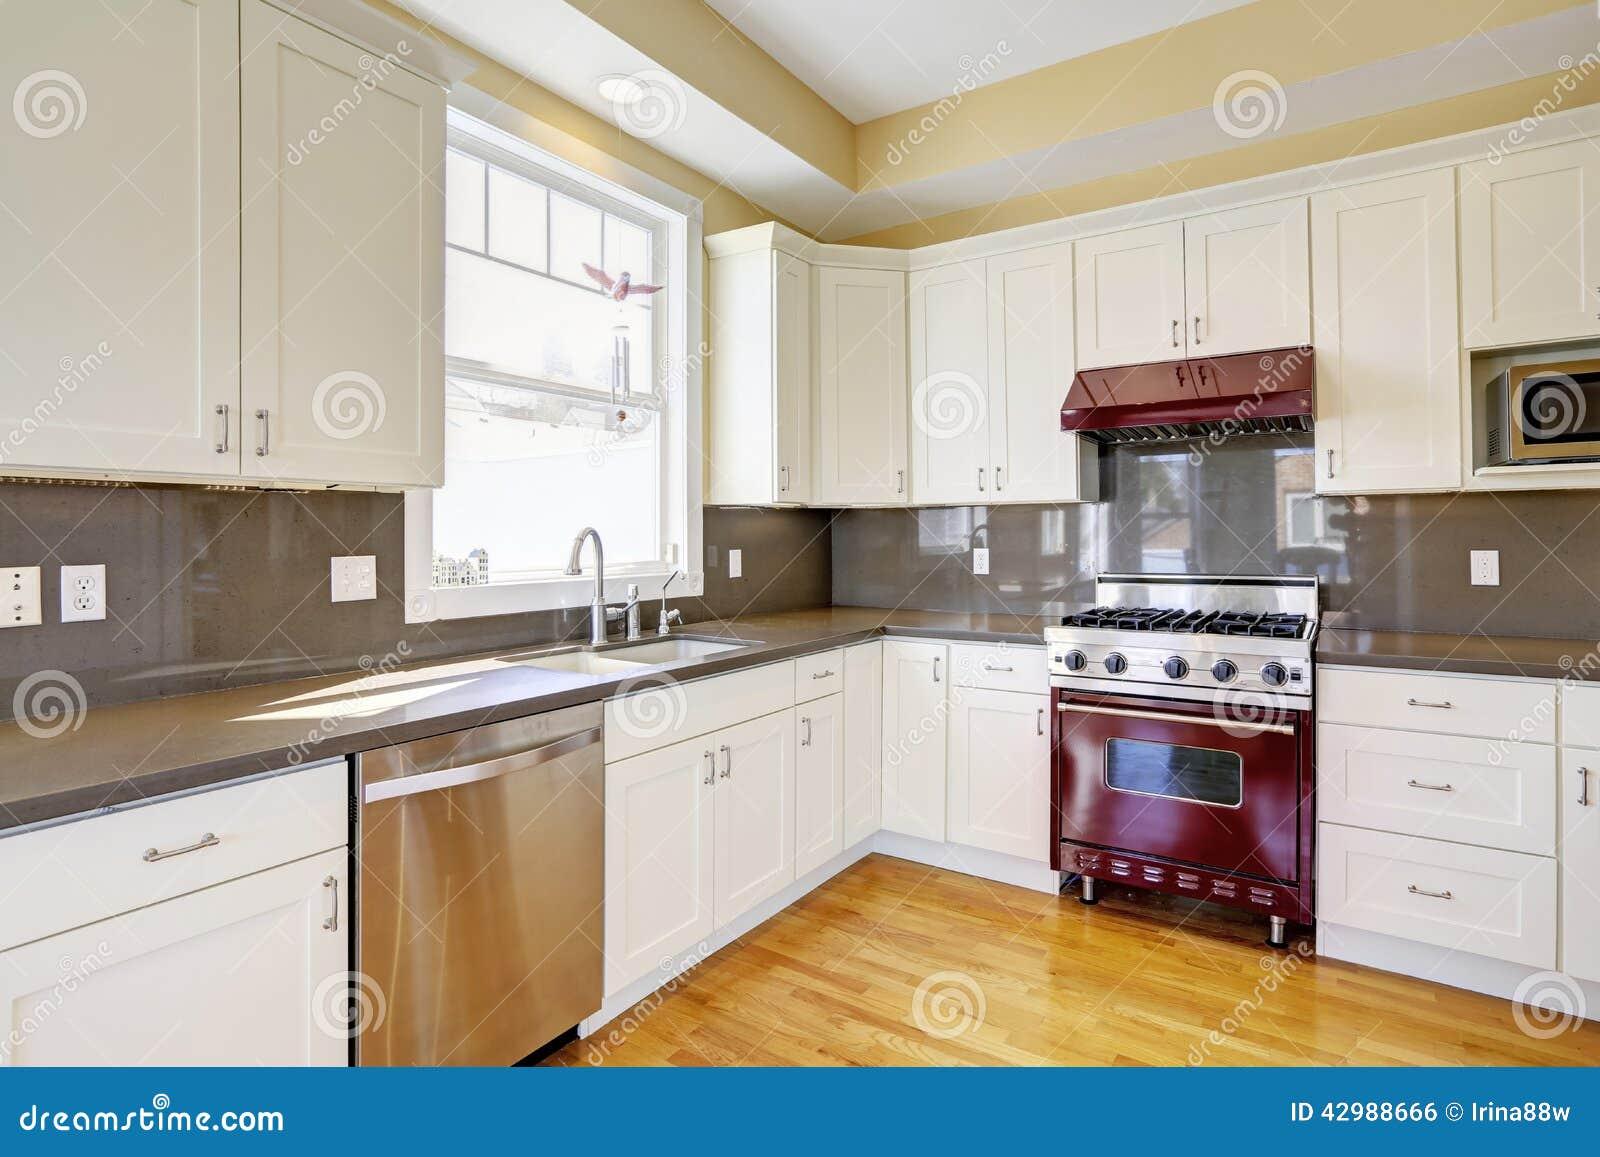 Cocina blanca con la estufa de borgo a y las encimeras - Cocina morada y blanca ...